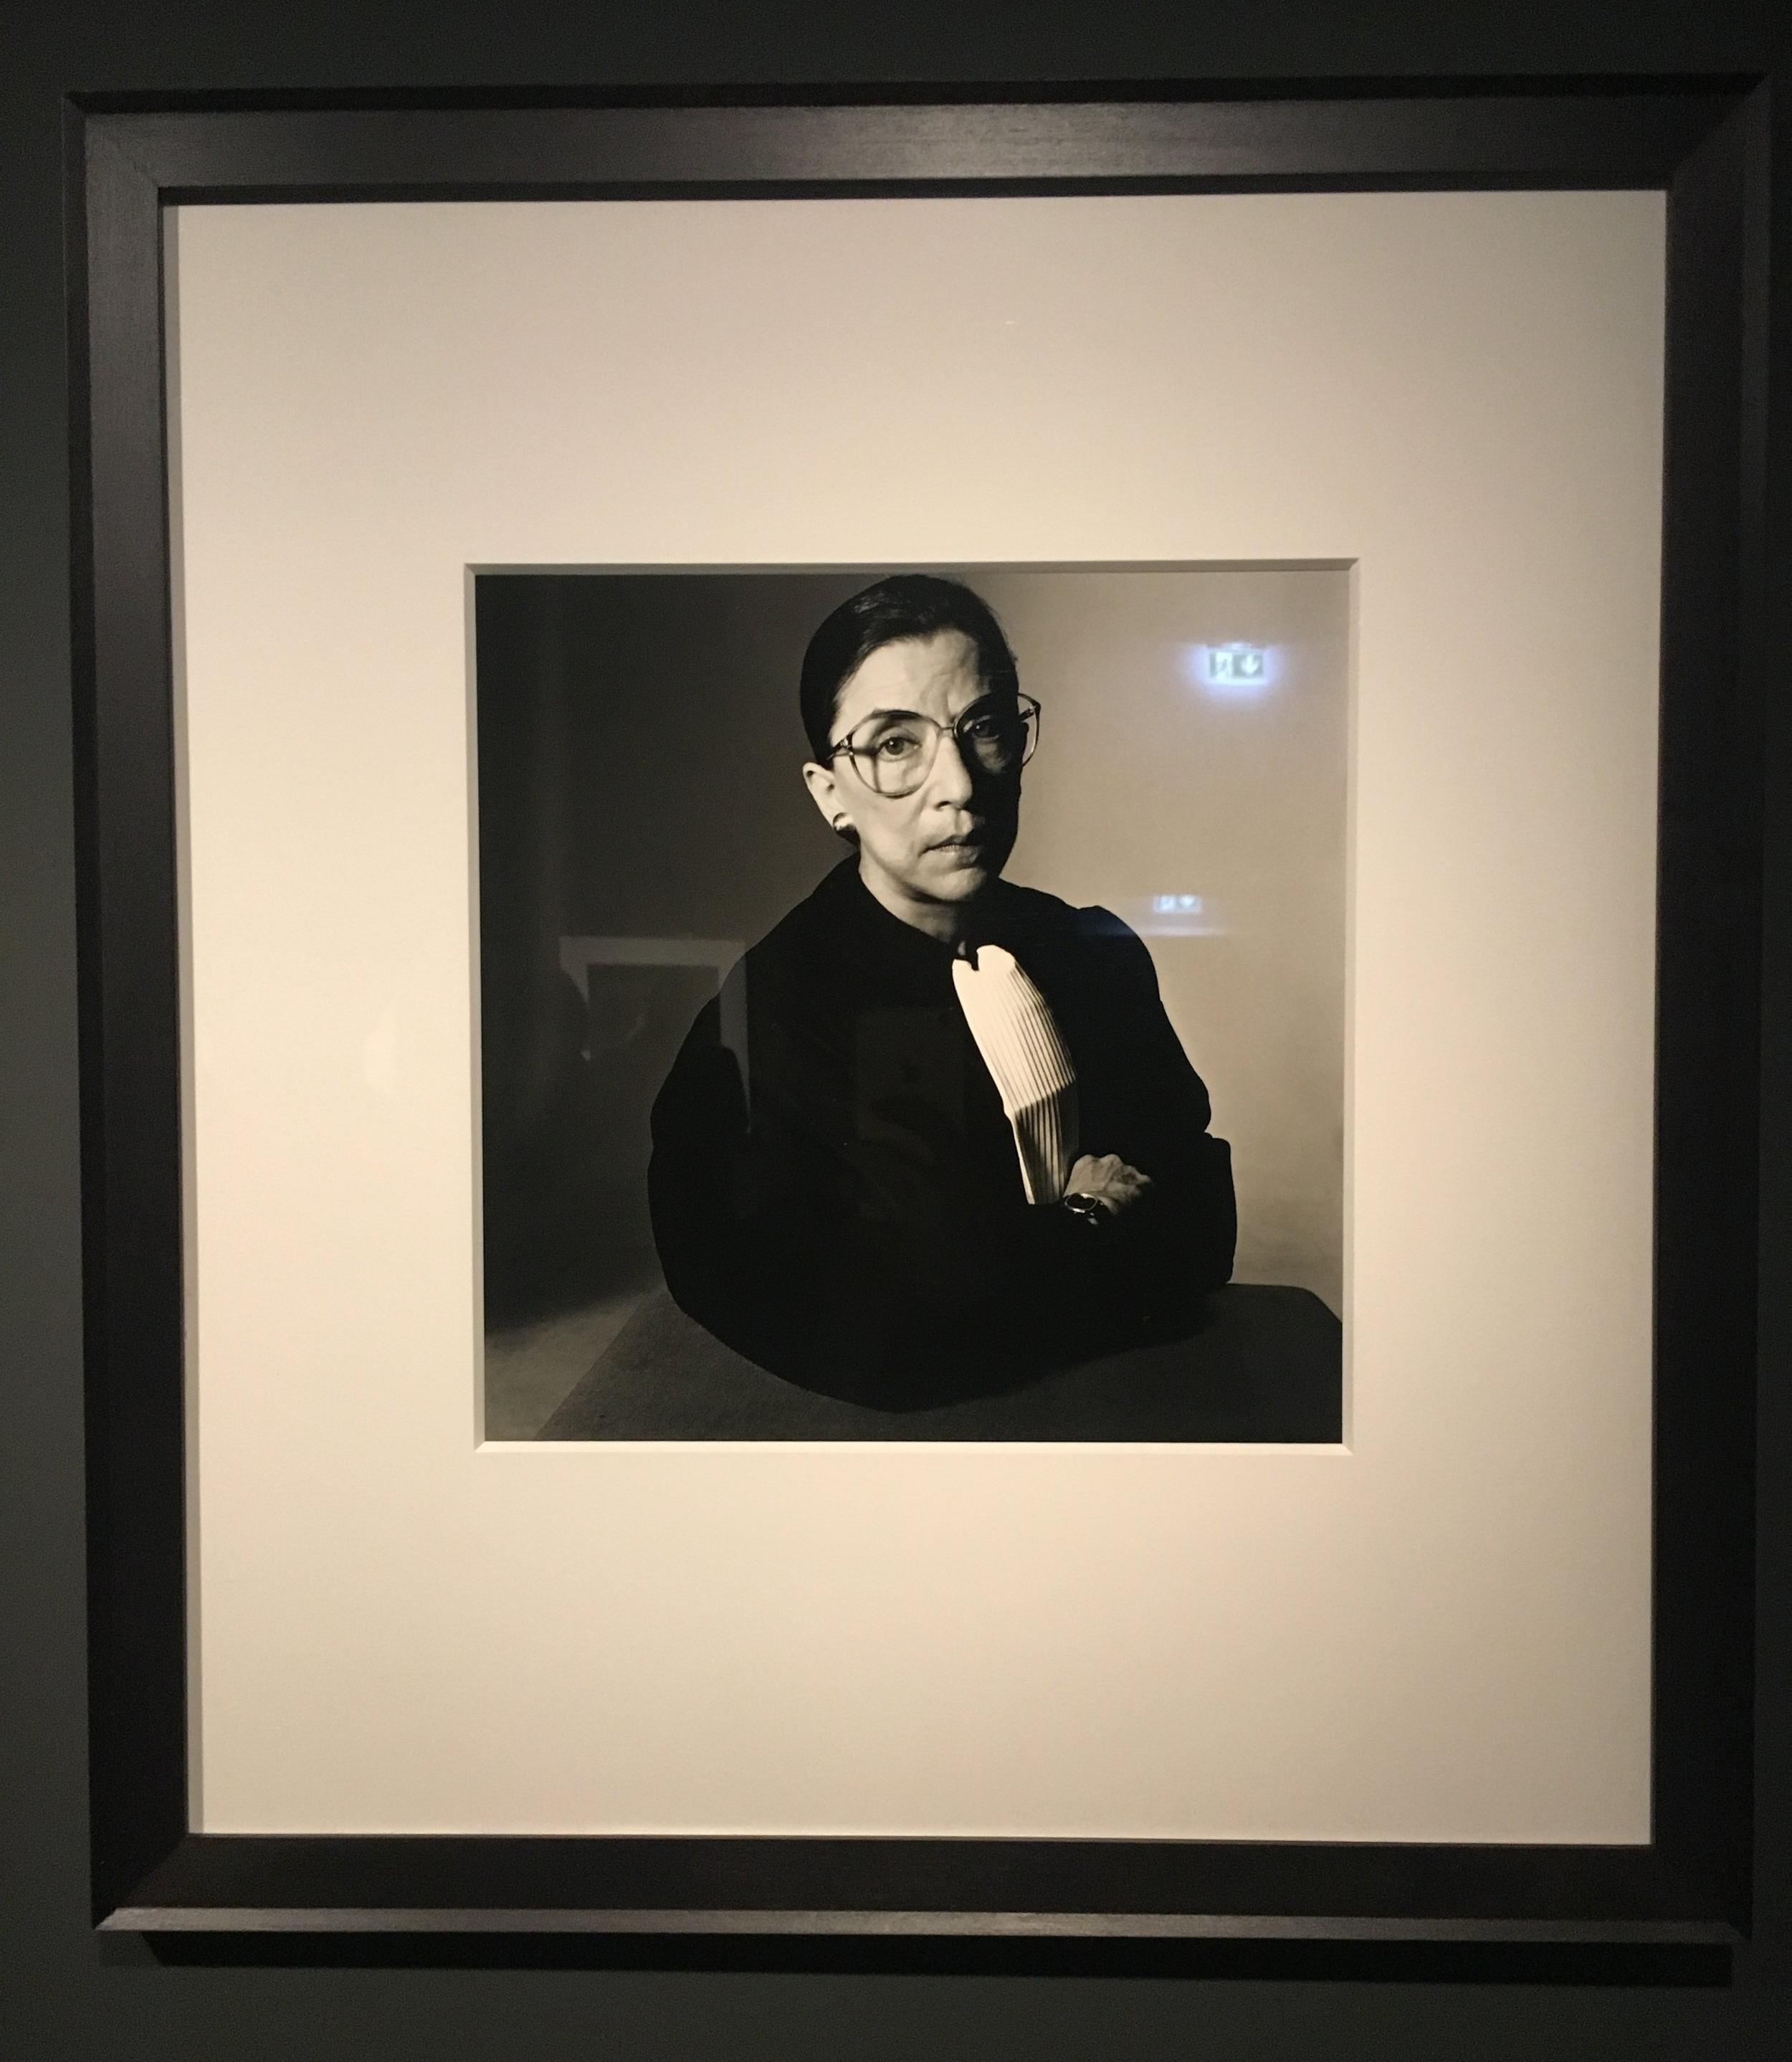 Ruth Bader Ginsburg.  Irving Penn.